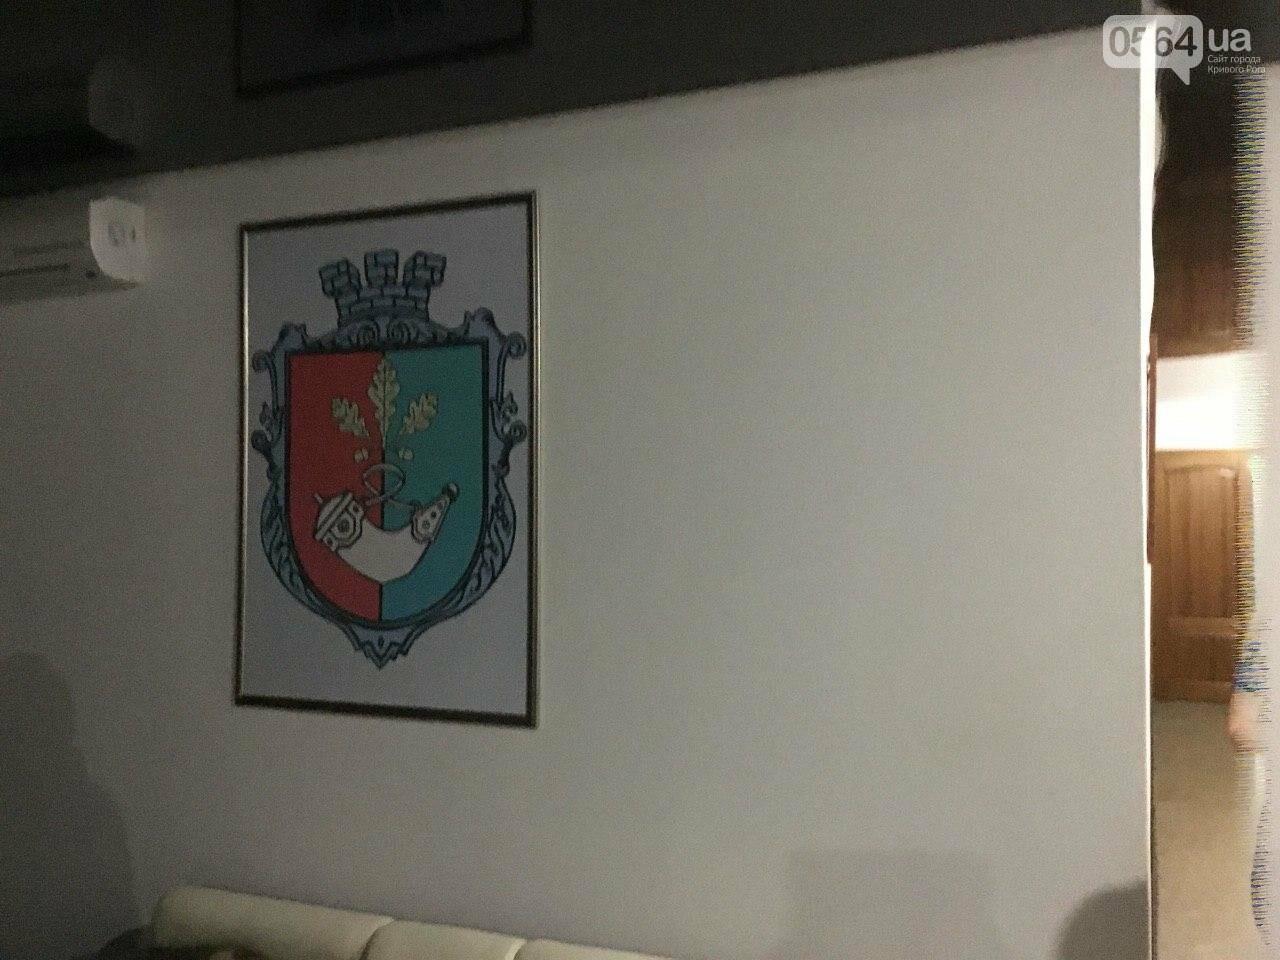 """Выпил и всю дорогу """"рисовал"""": 80 полицейских в Кривом Роге искали вандала, разрисовавшего дома, заборы, гаражи и памятник - ФОТО, ВИДЕО, фото-8"""